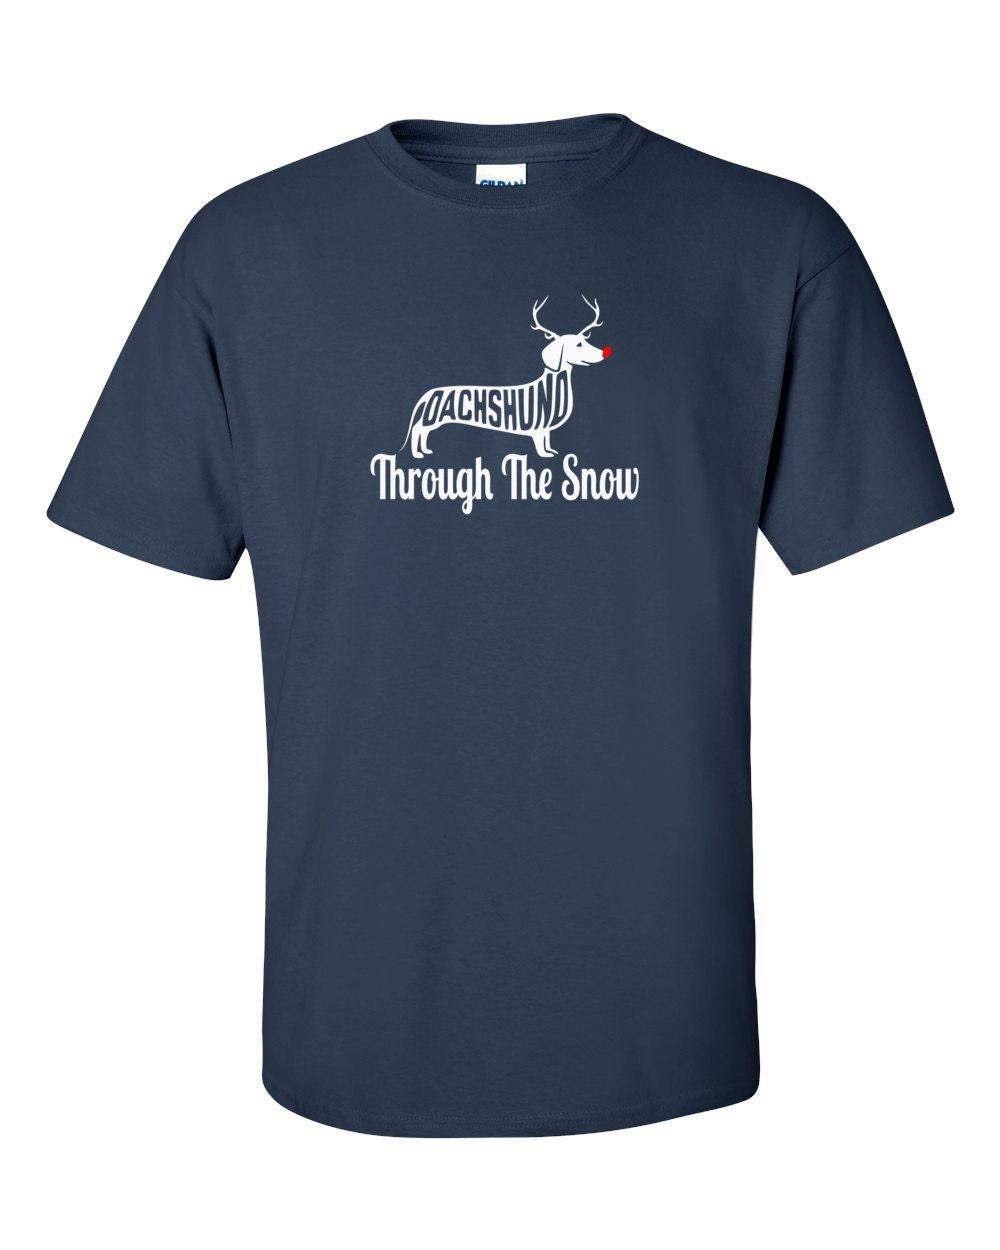 Dachshund T-shirt - Dachshund Through The Snow - Christmas Dachshund - My Dog Dachshund T-shirt